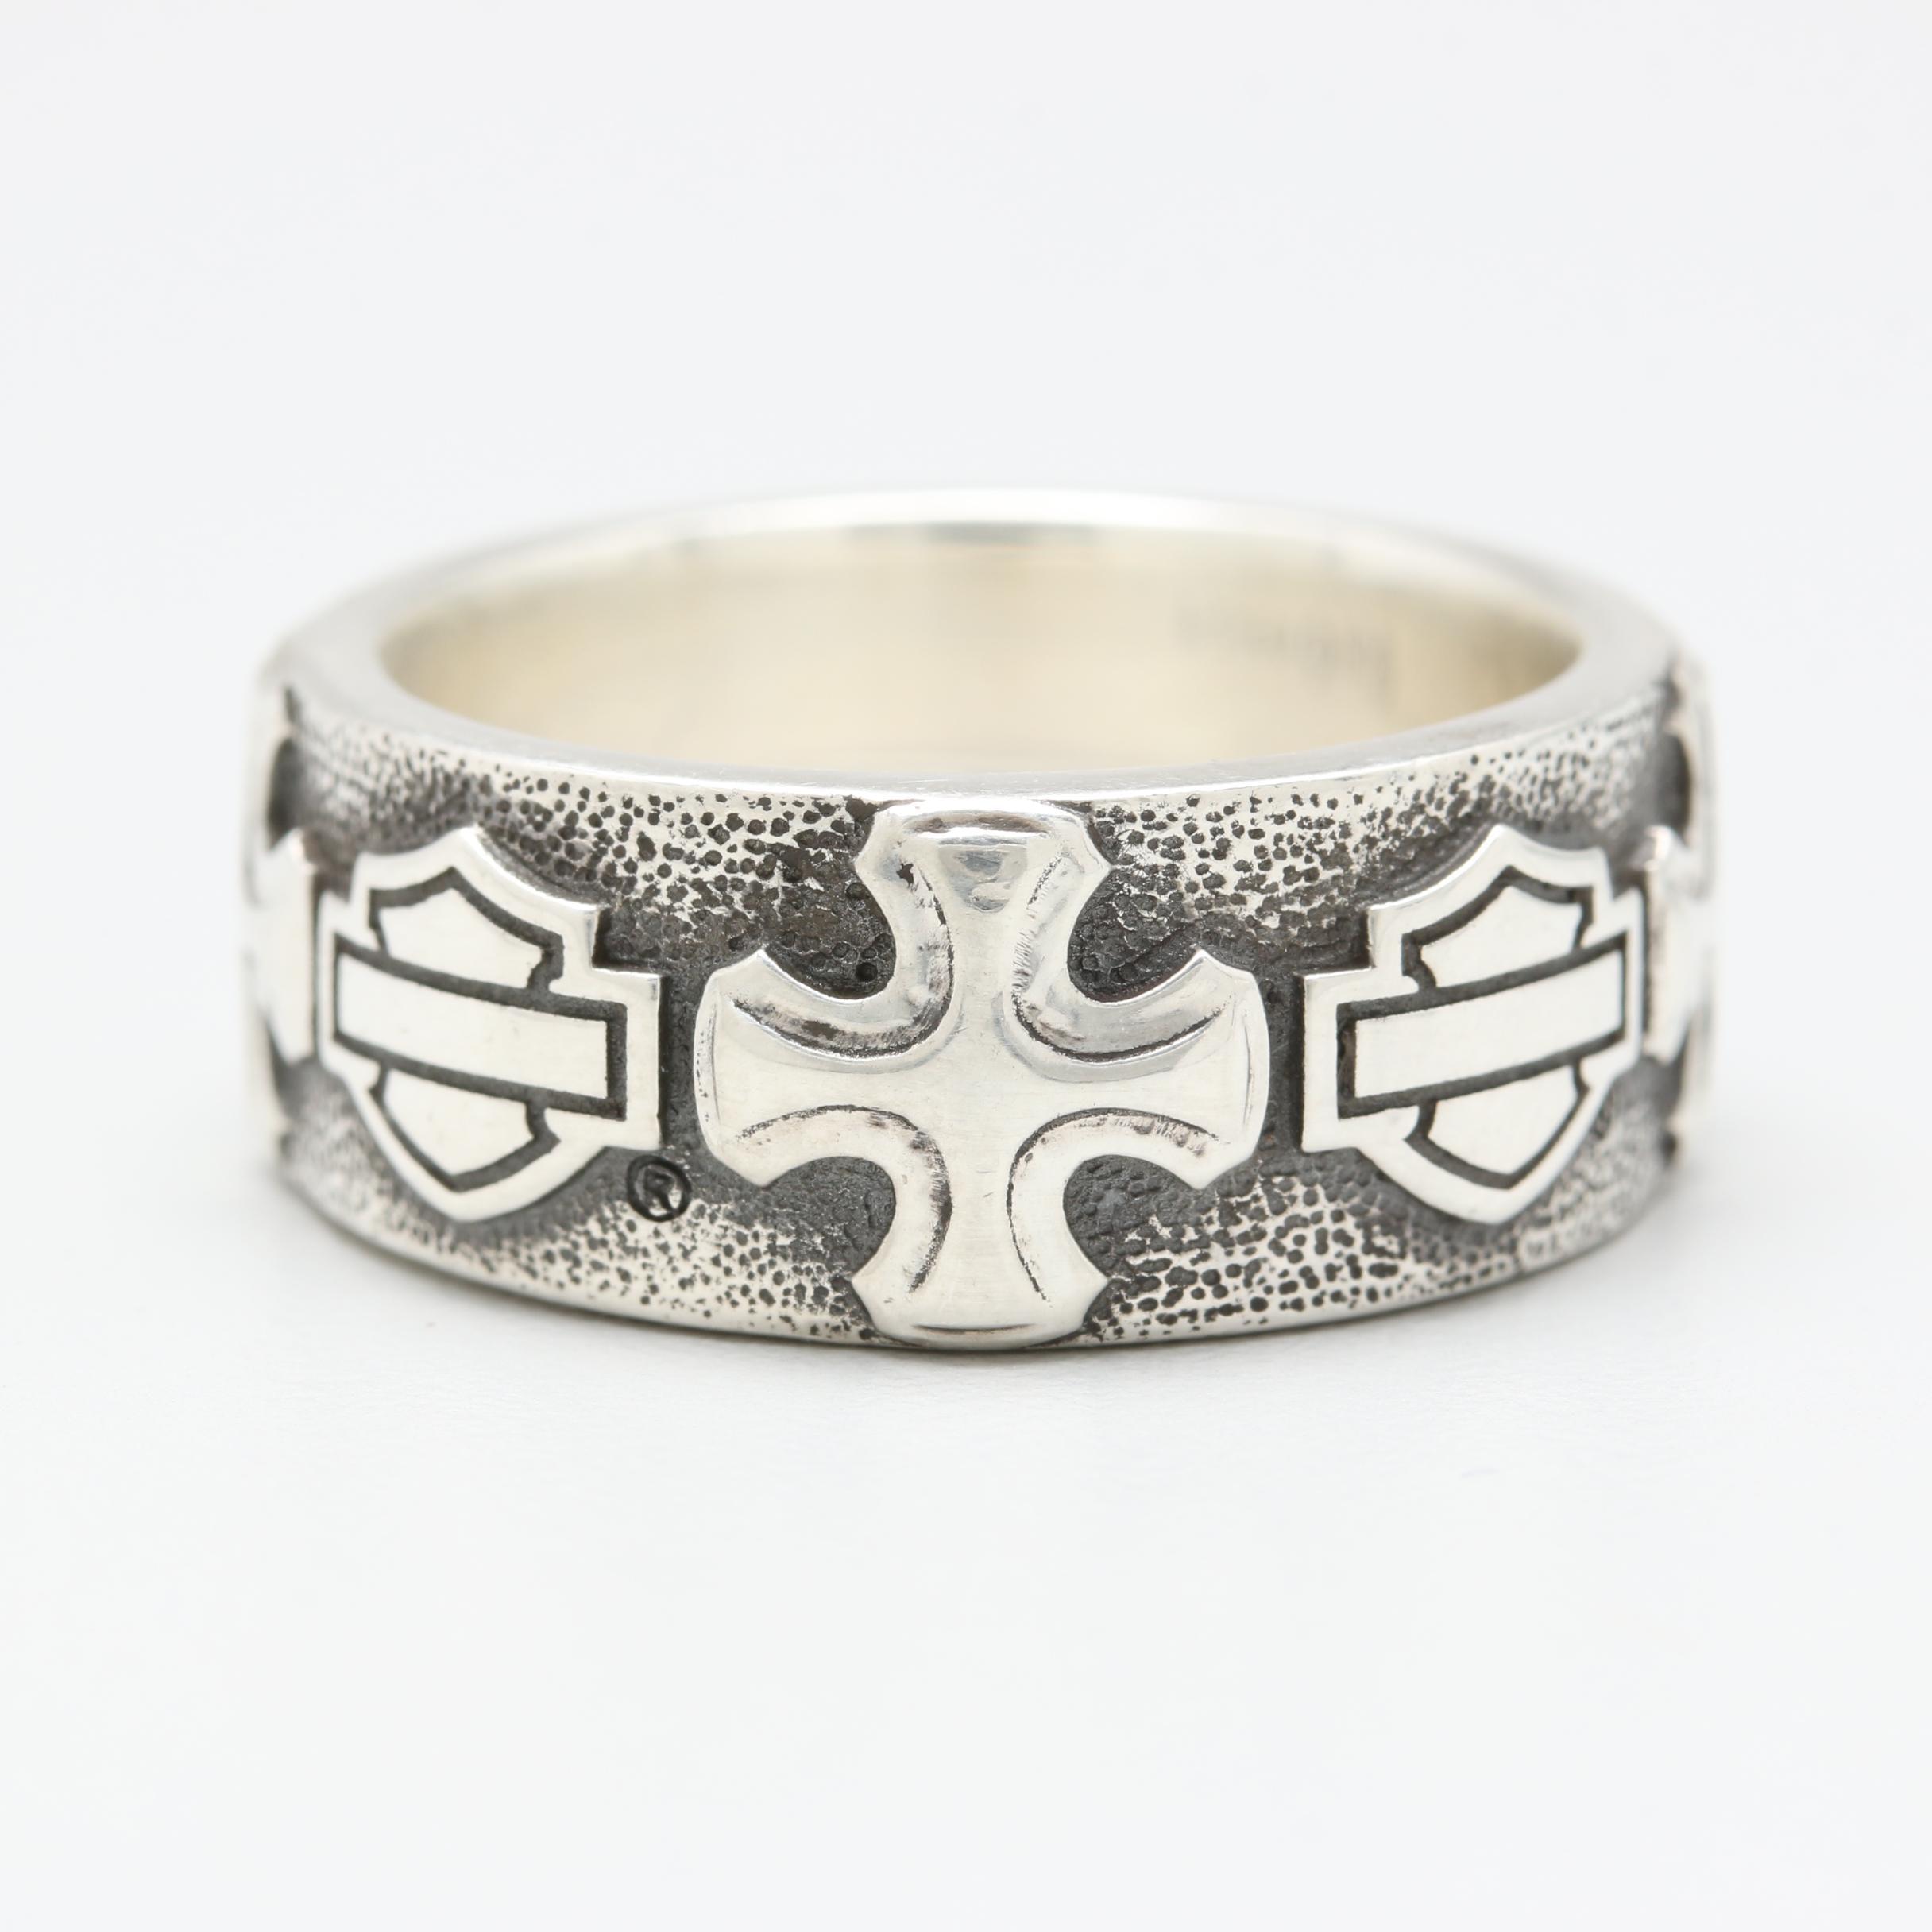 Sterling Silver Harley Davidson Ring